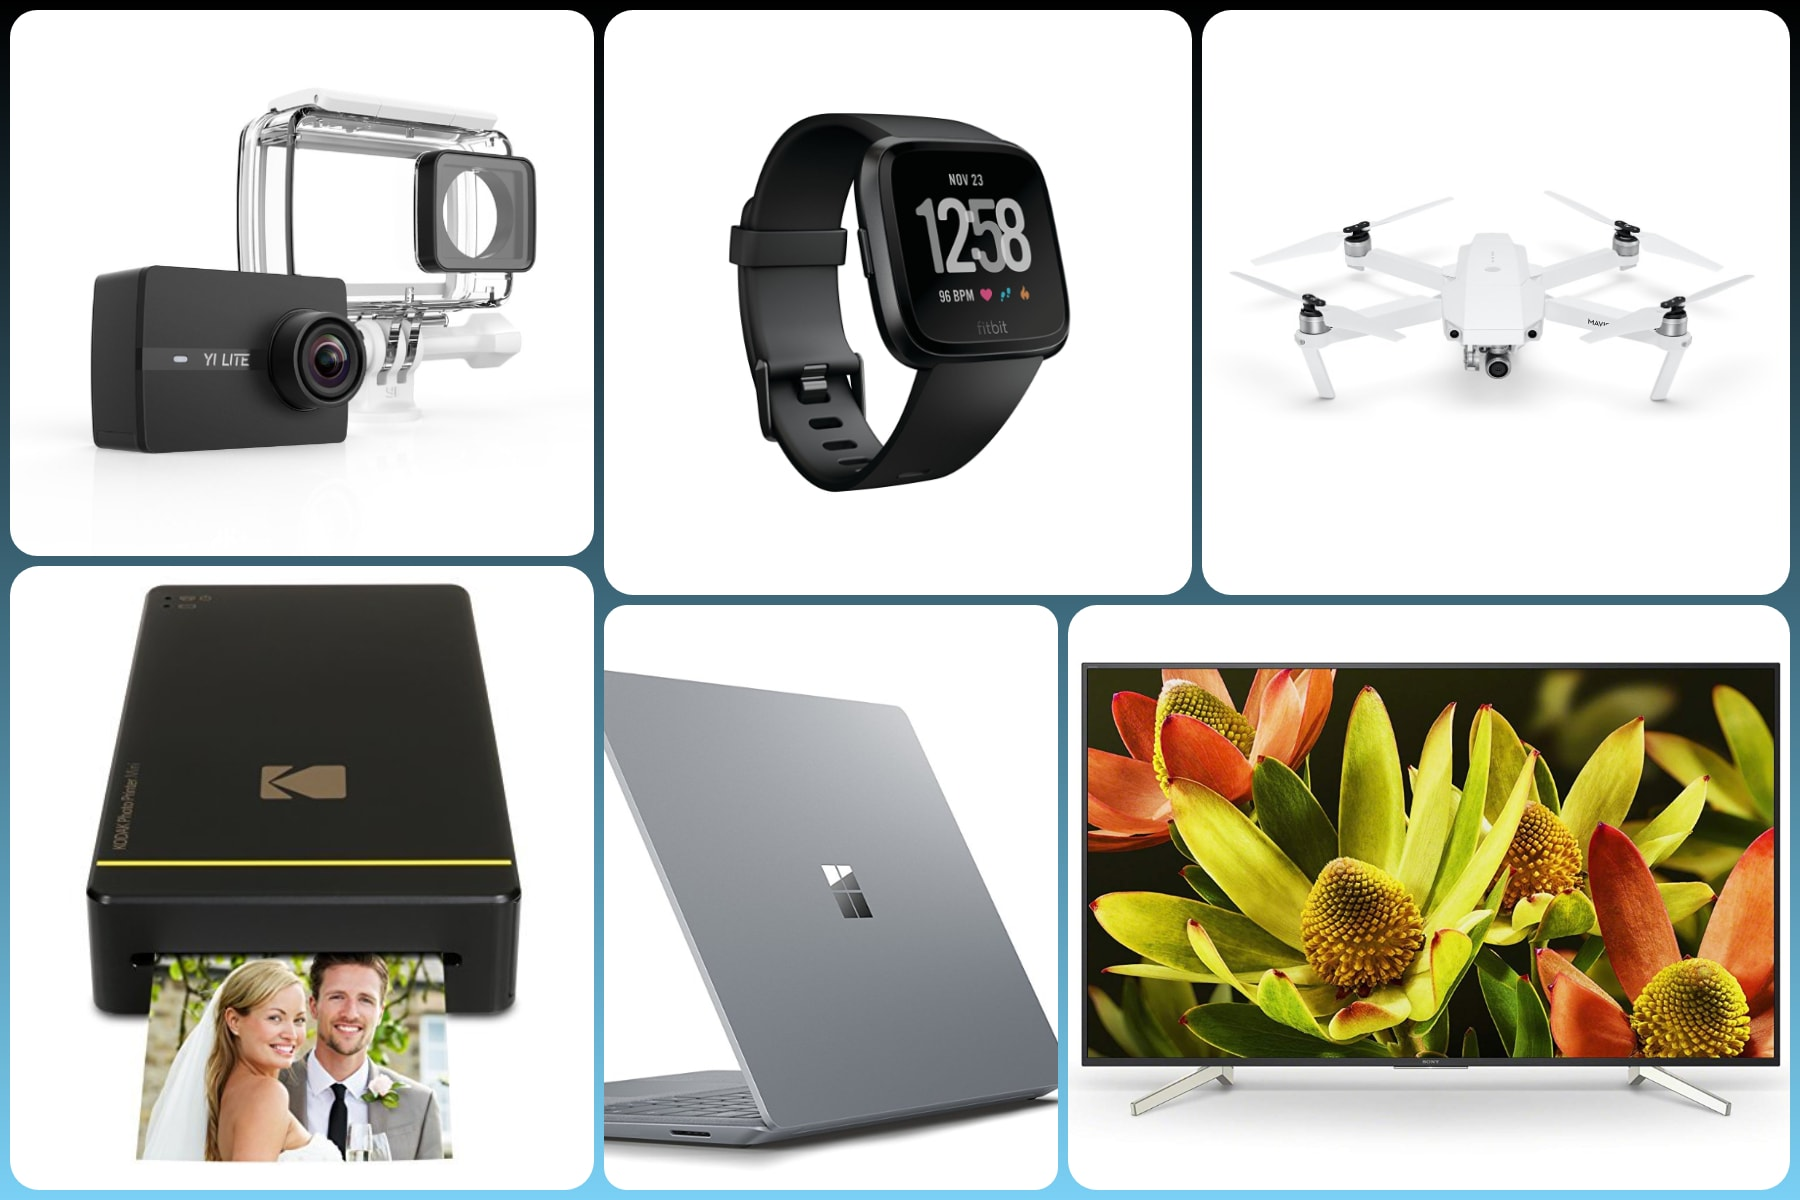 Buono Amazon in regalo: fino a 75€ con il Bonus Cultura! - image migliori-offerte-amazon-18-dicembre-2018 on https://www.zxbyte.com